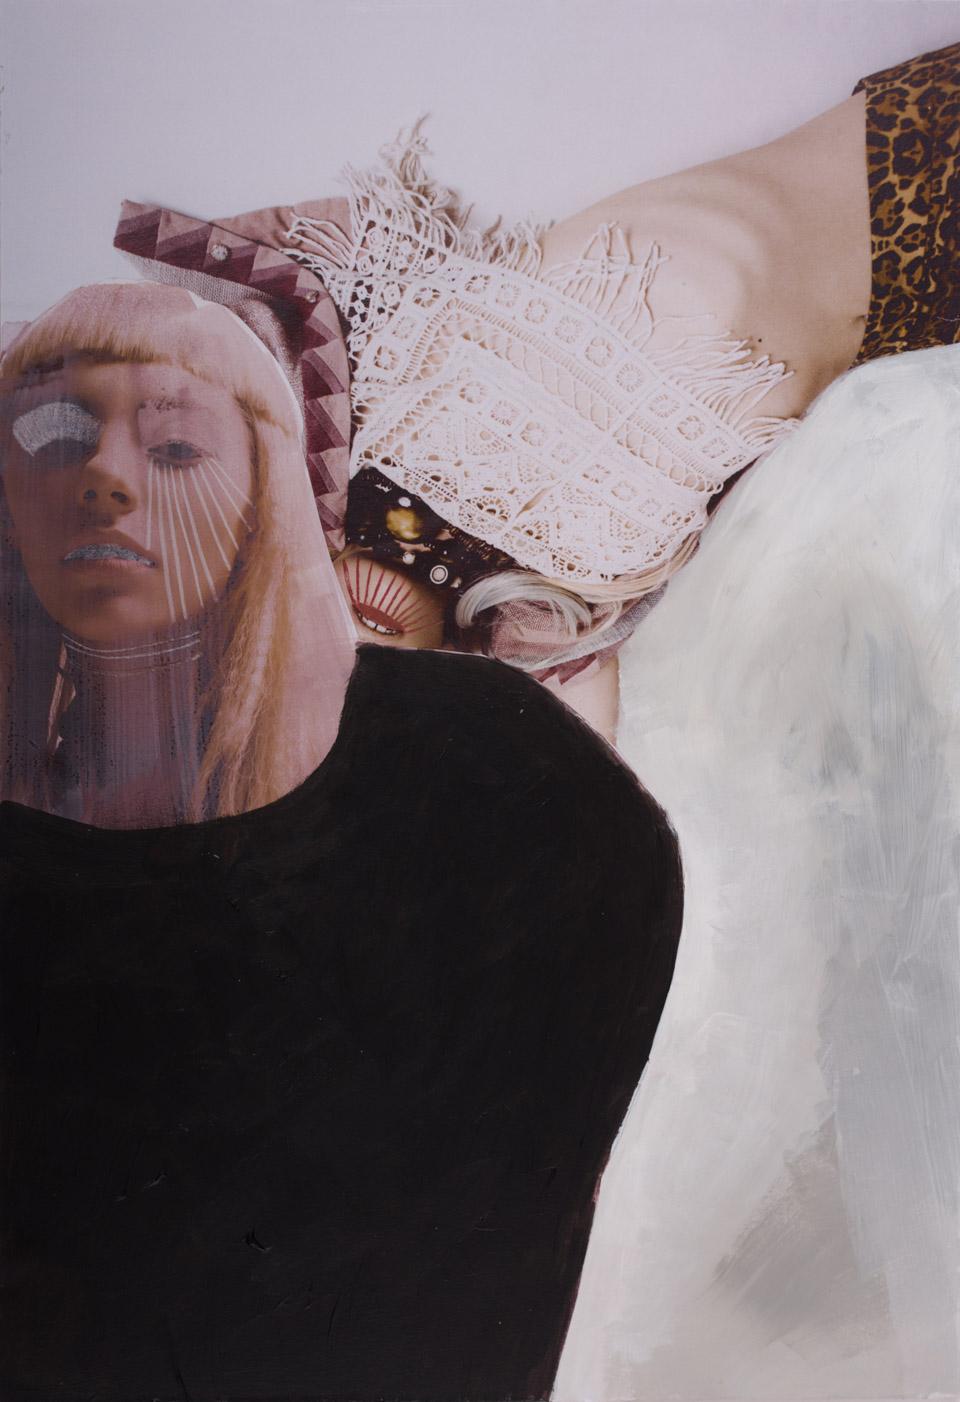 painted_woman20.jpg